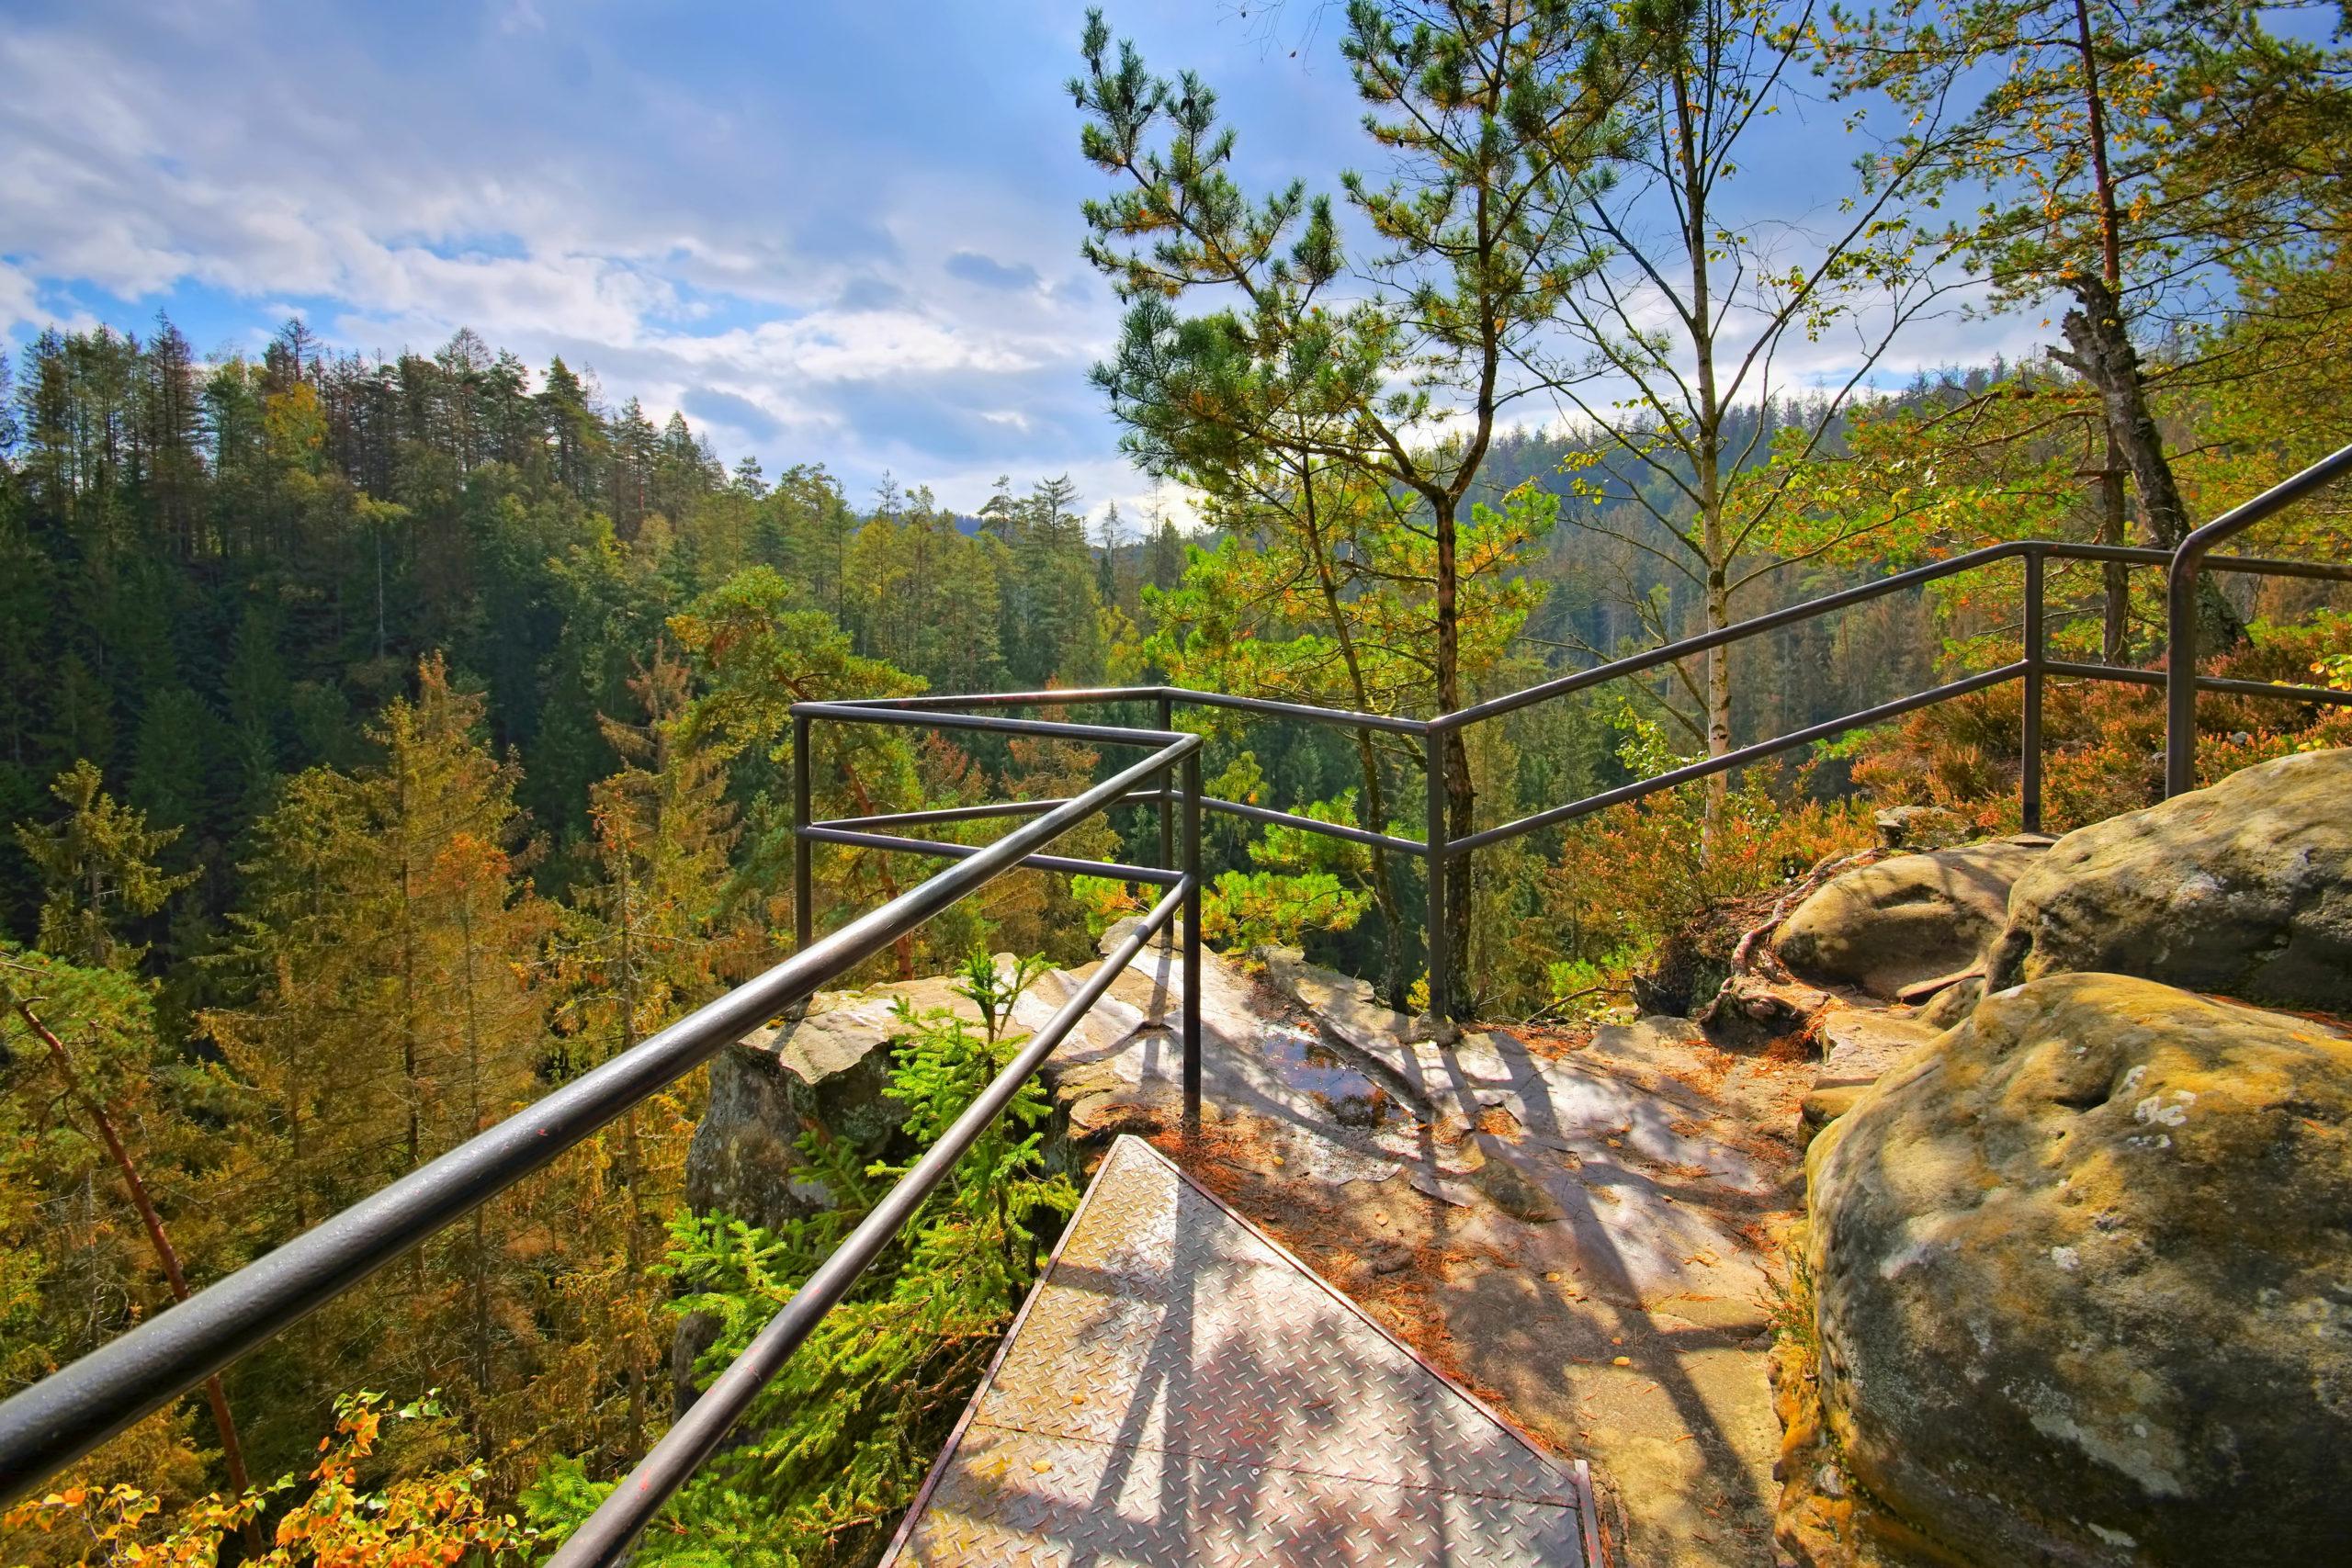 Sommerurlaub Ostdeutschland: Hermannseck Aussicht Kirnitzschtal, Saechsischen Schweiz